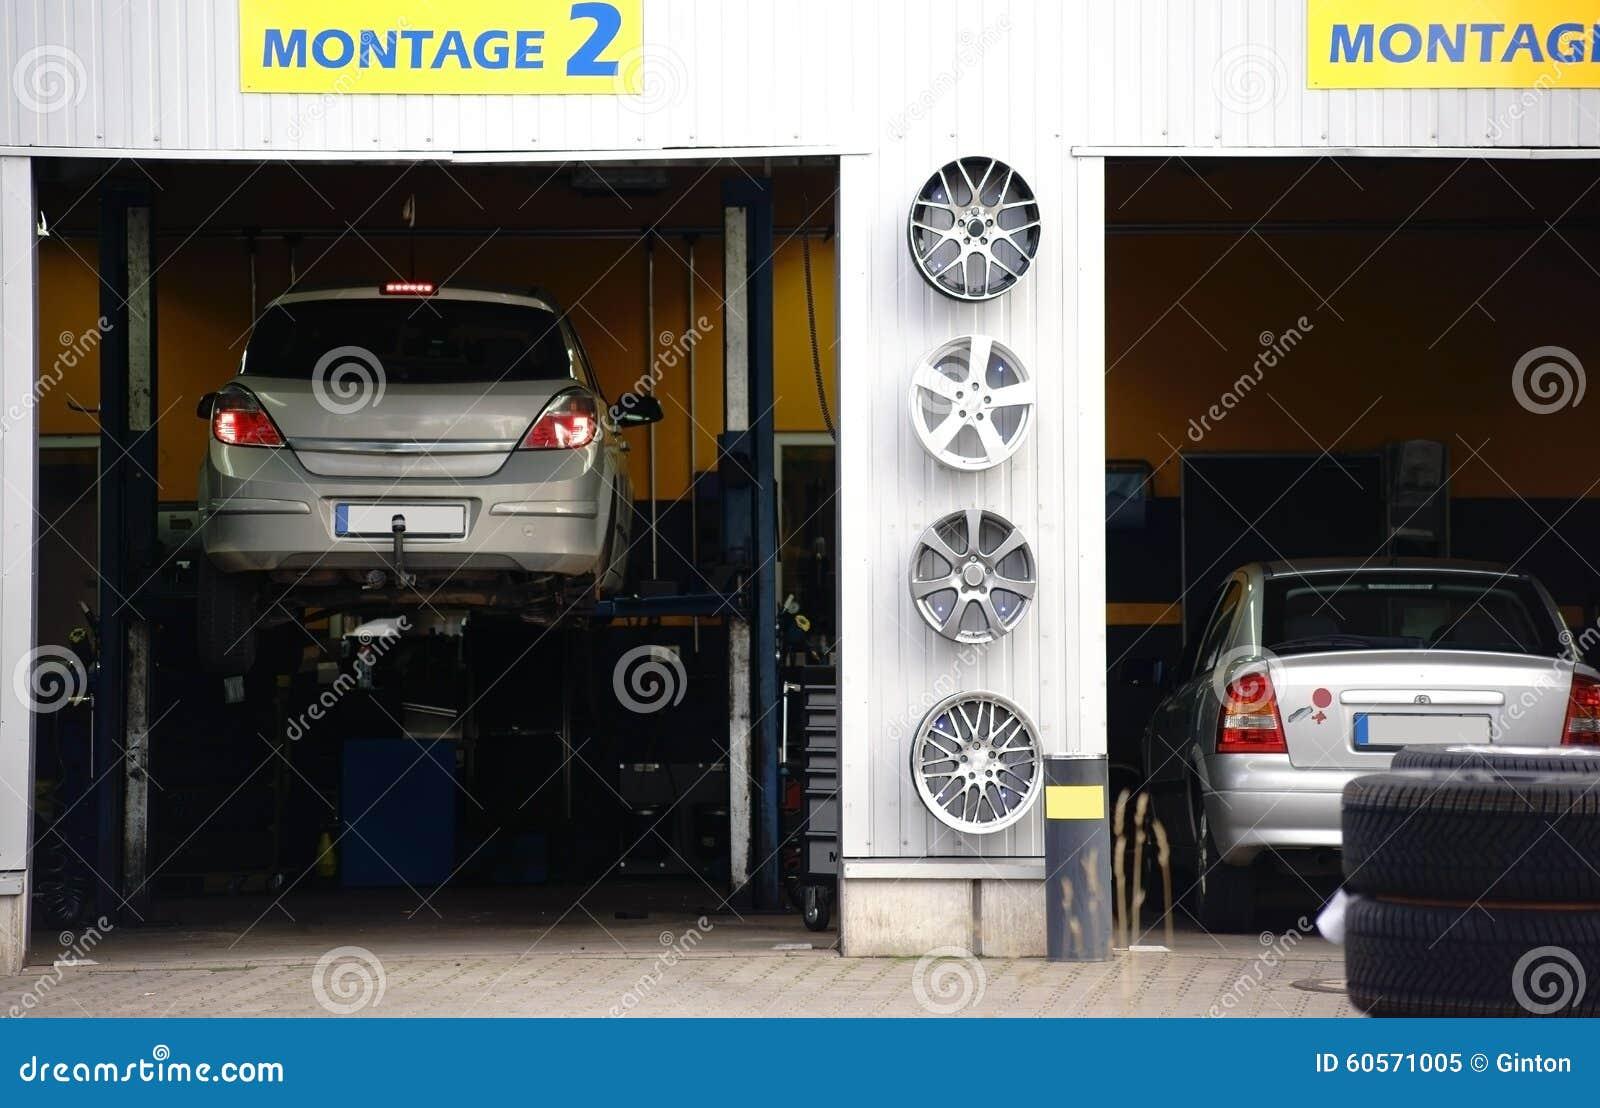 Taller de reparaciones auto